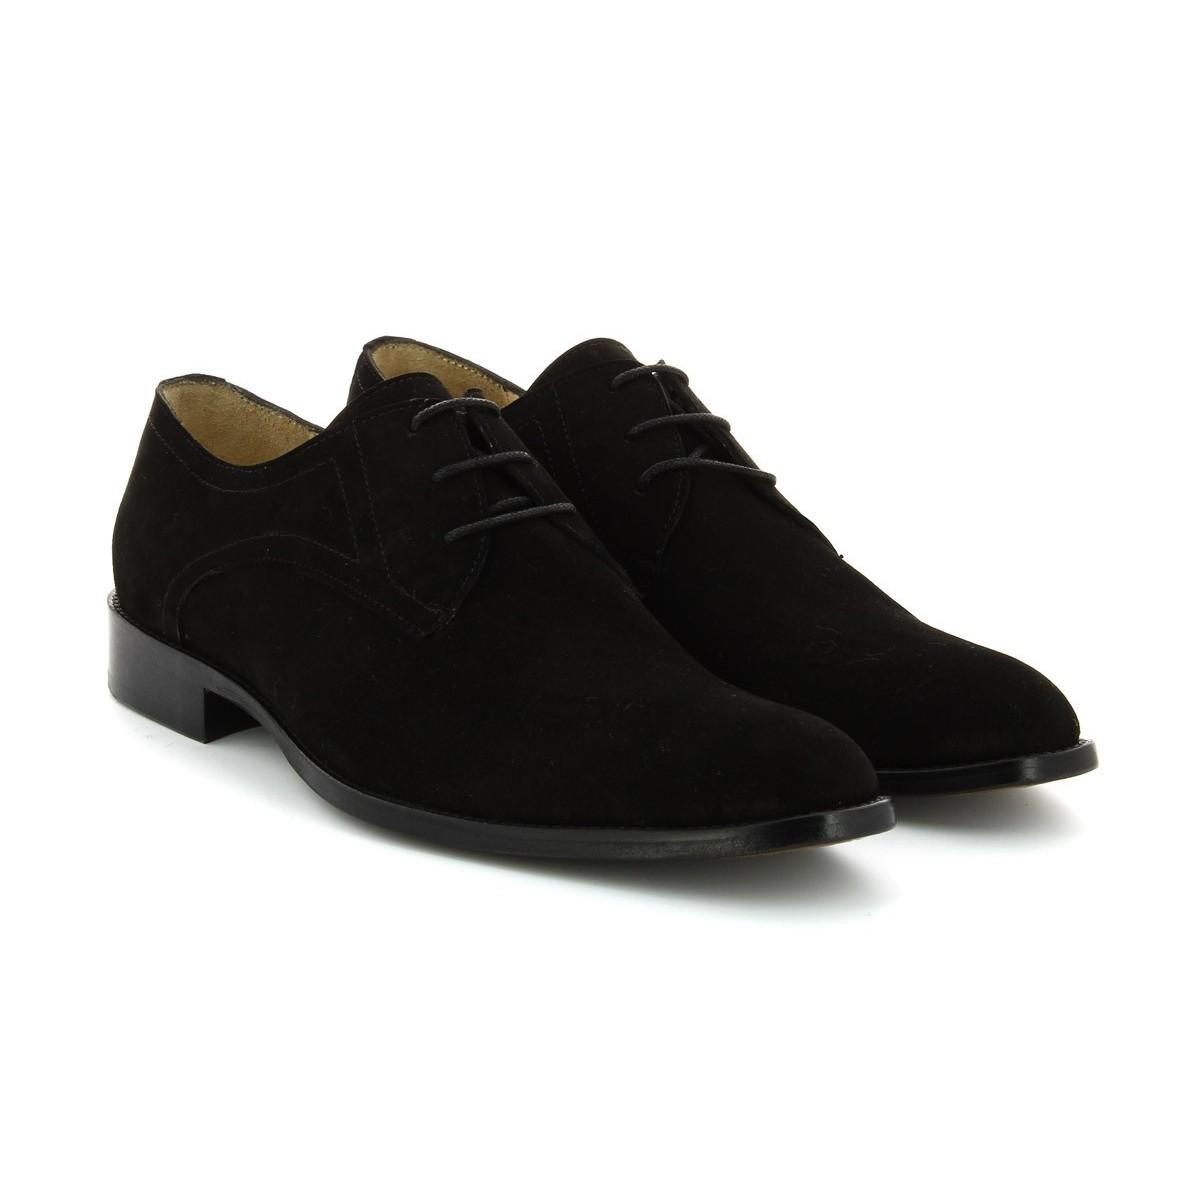 Sapatos Camurça Preta Homem